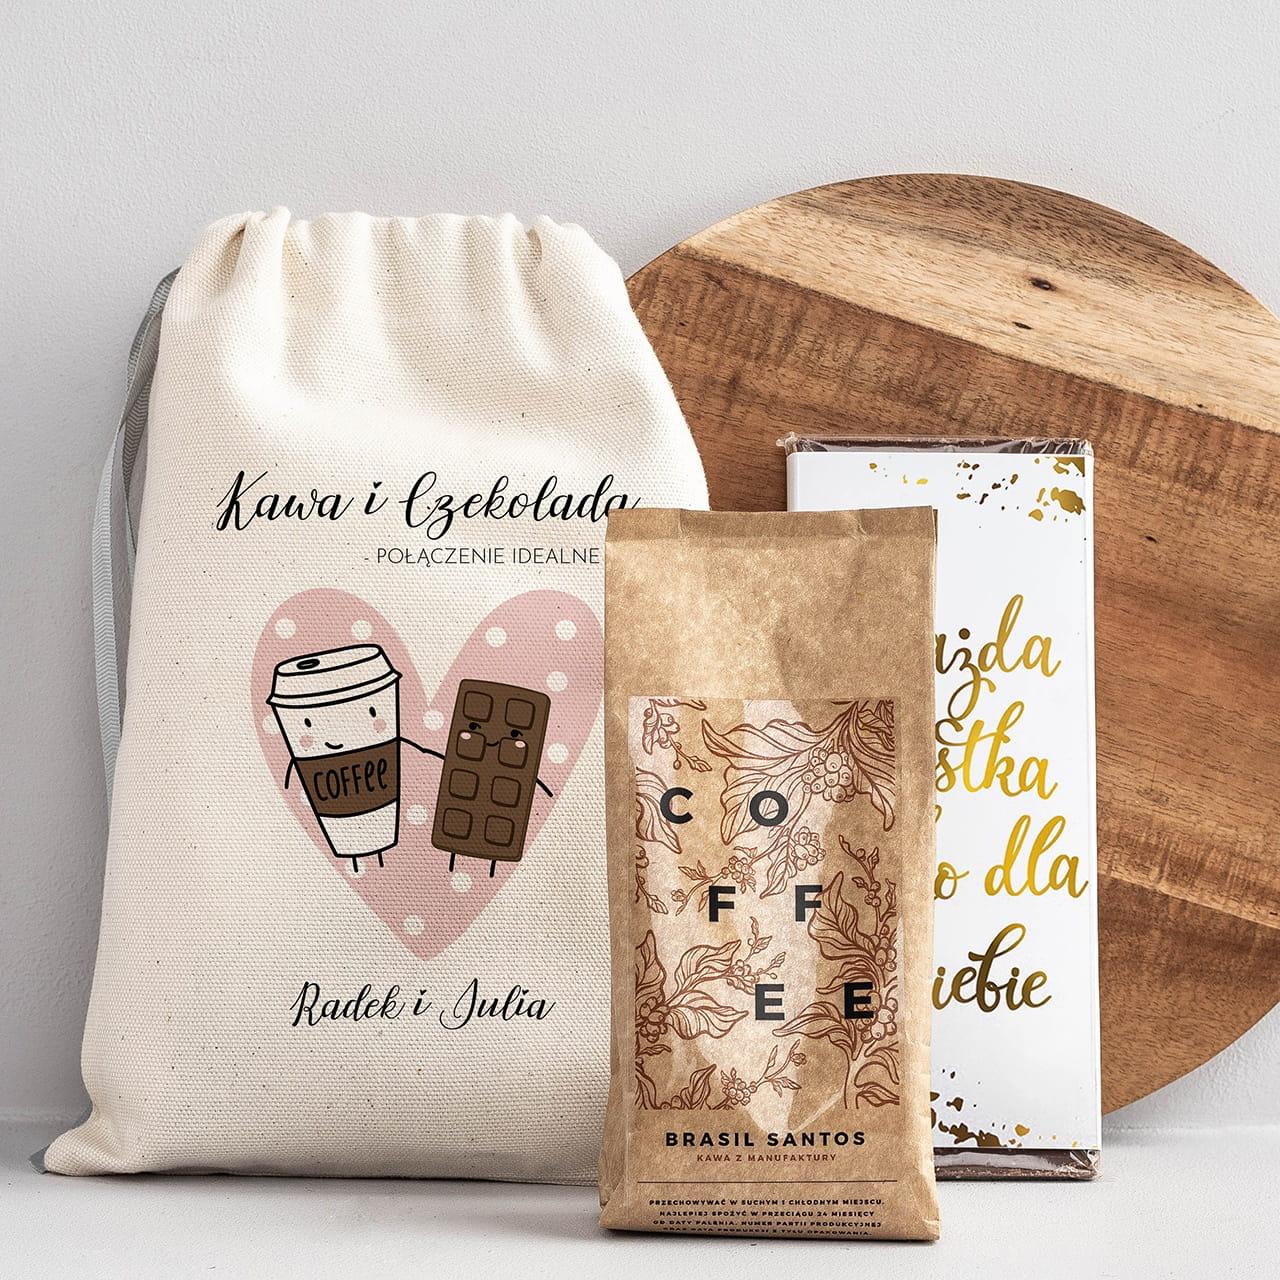 Kawa i czekolada na prezent dla kawosza